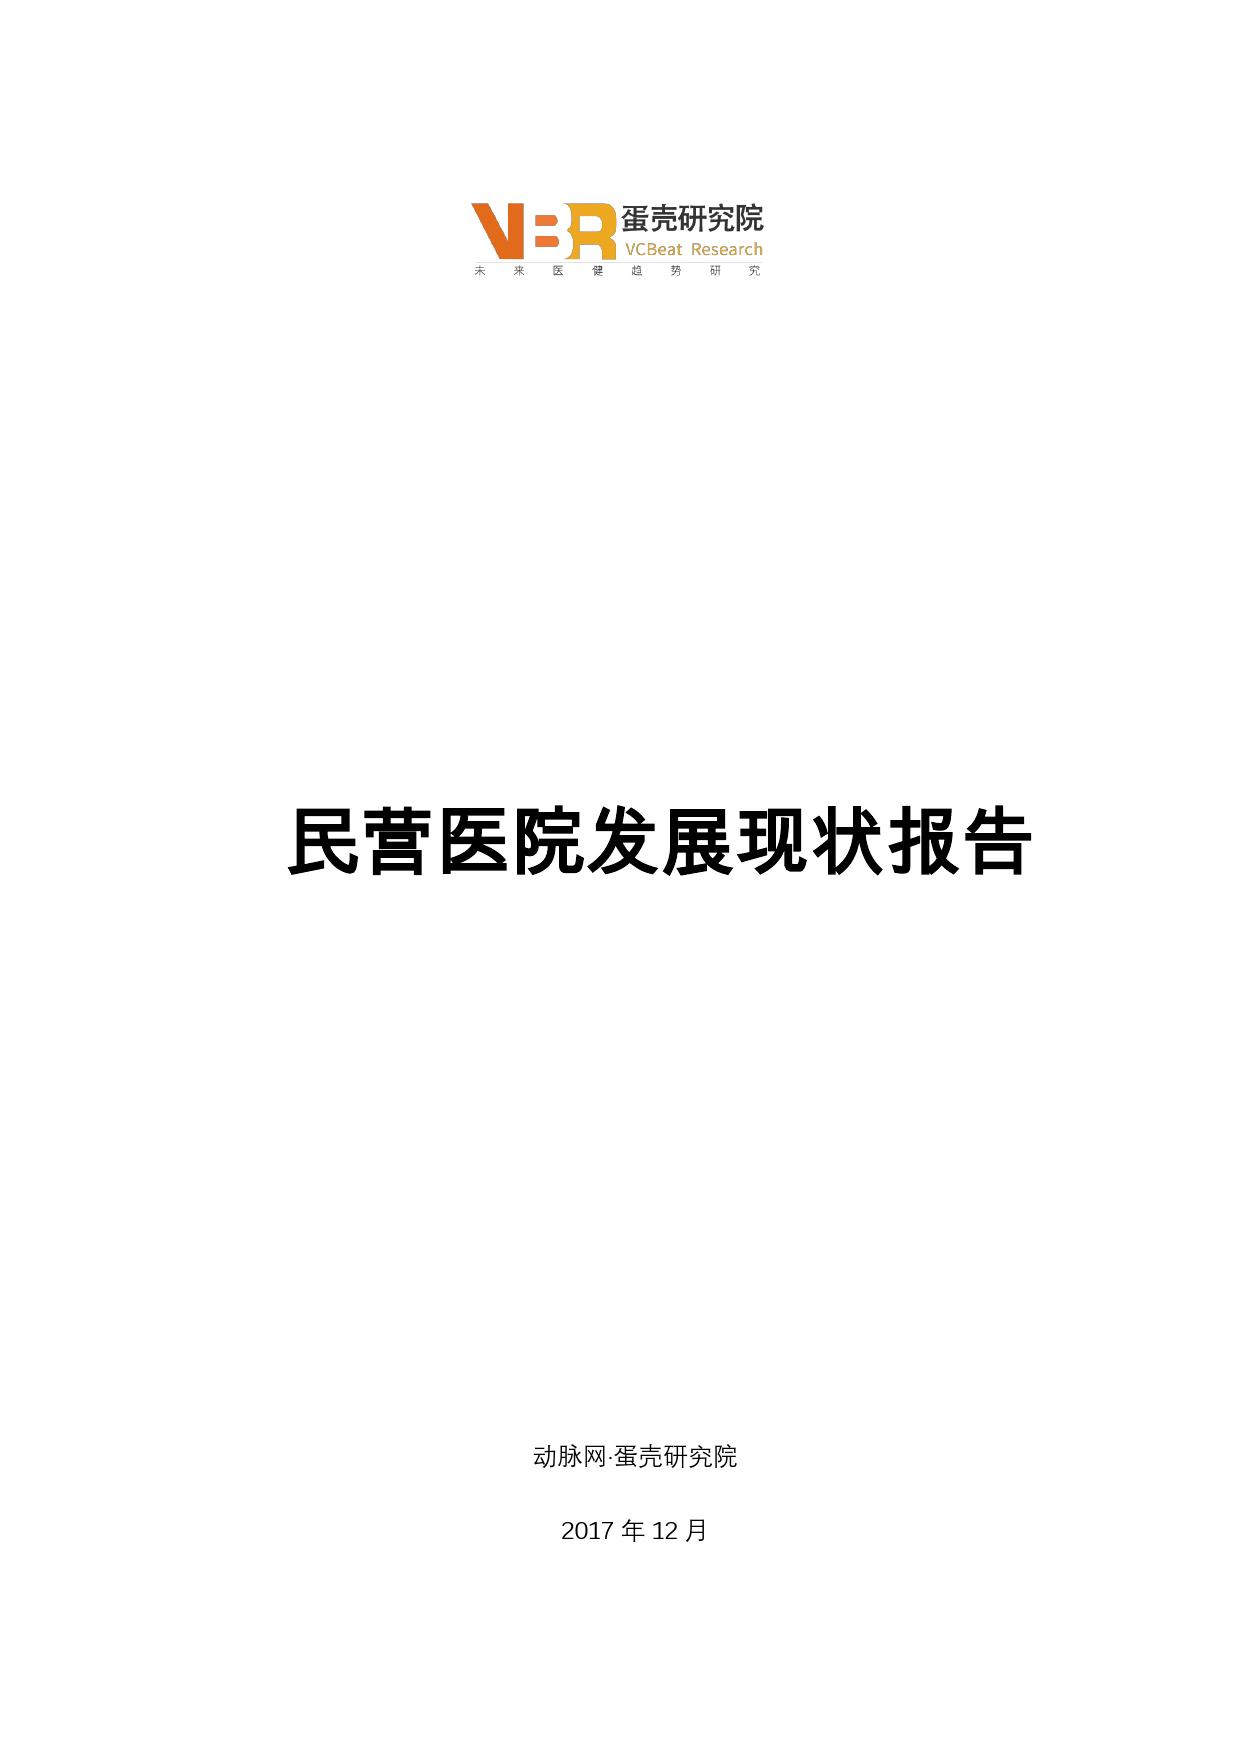 动脉网:民营医院发展现状报告(附下载)